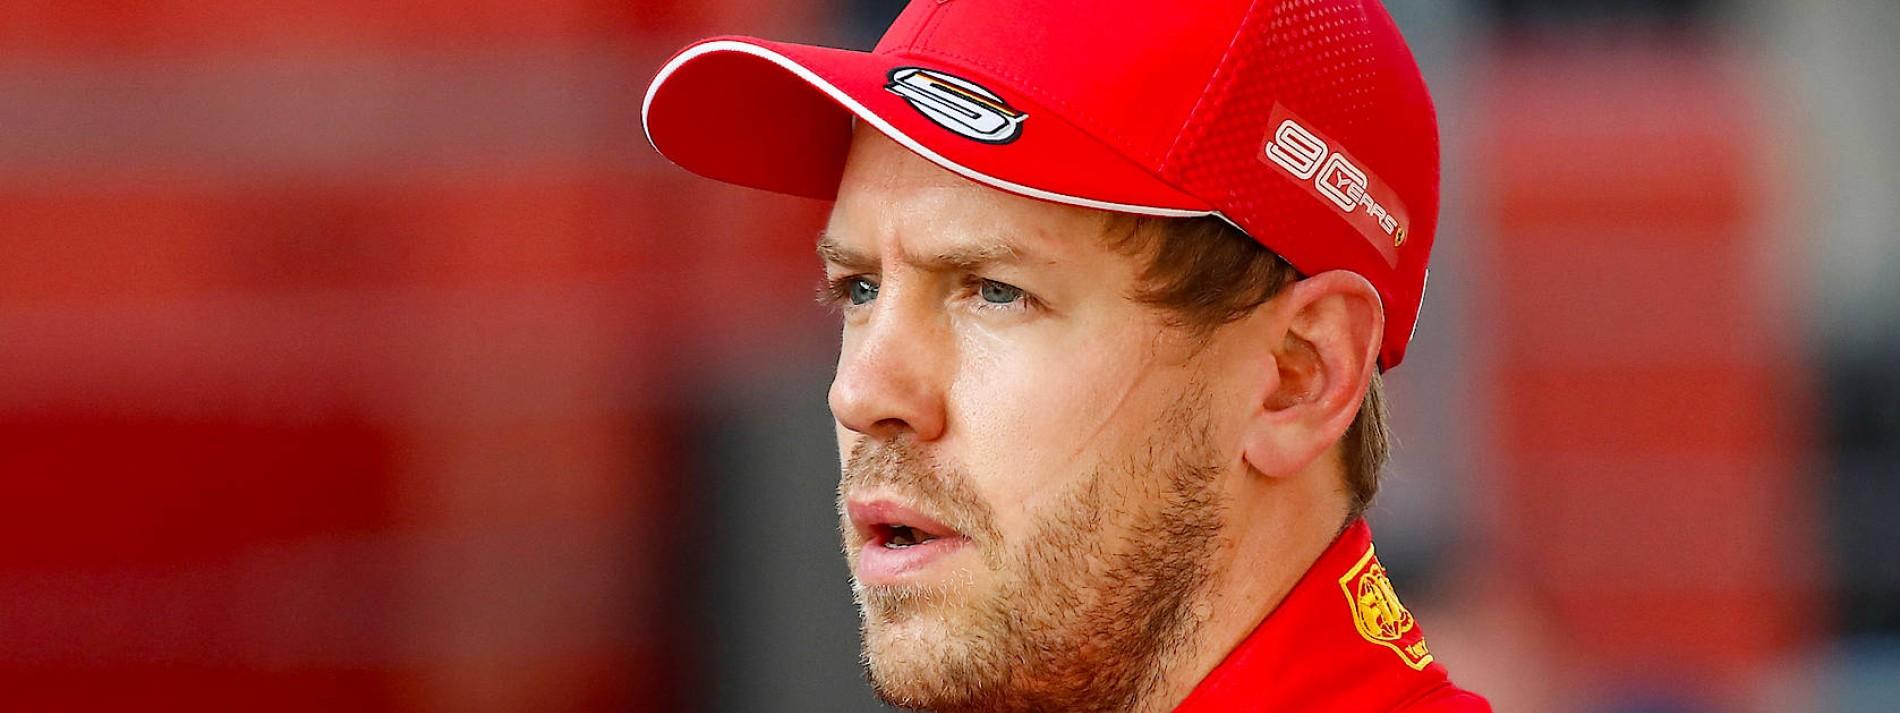 Vettel wird von Ferrari gebremst